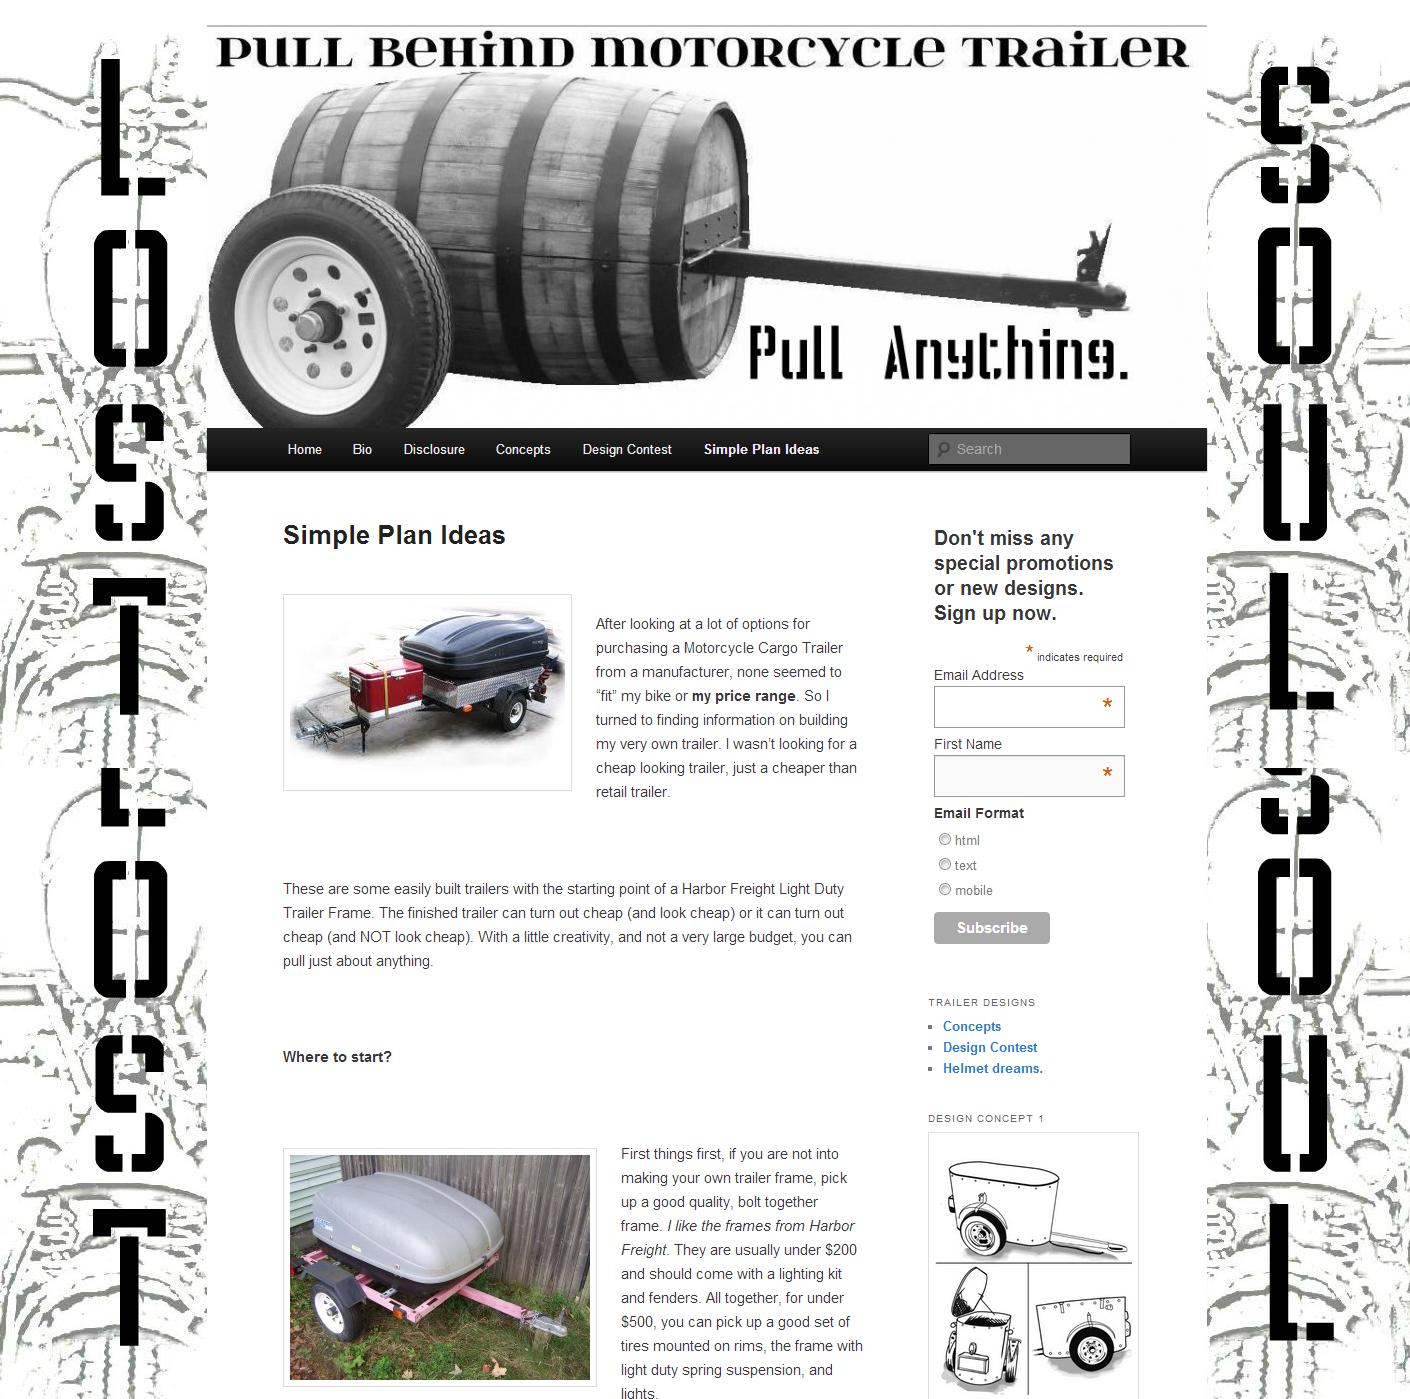 Get Lost Trailers LLC, Pull Behind Motorcycle Trailers, Simple Plan ...